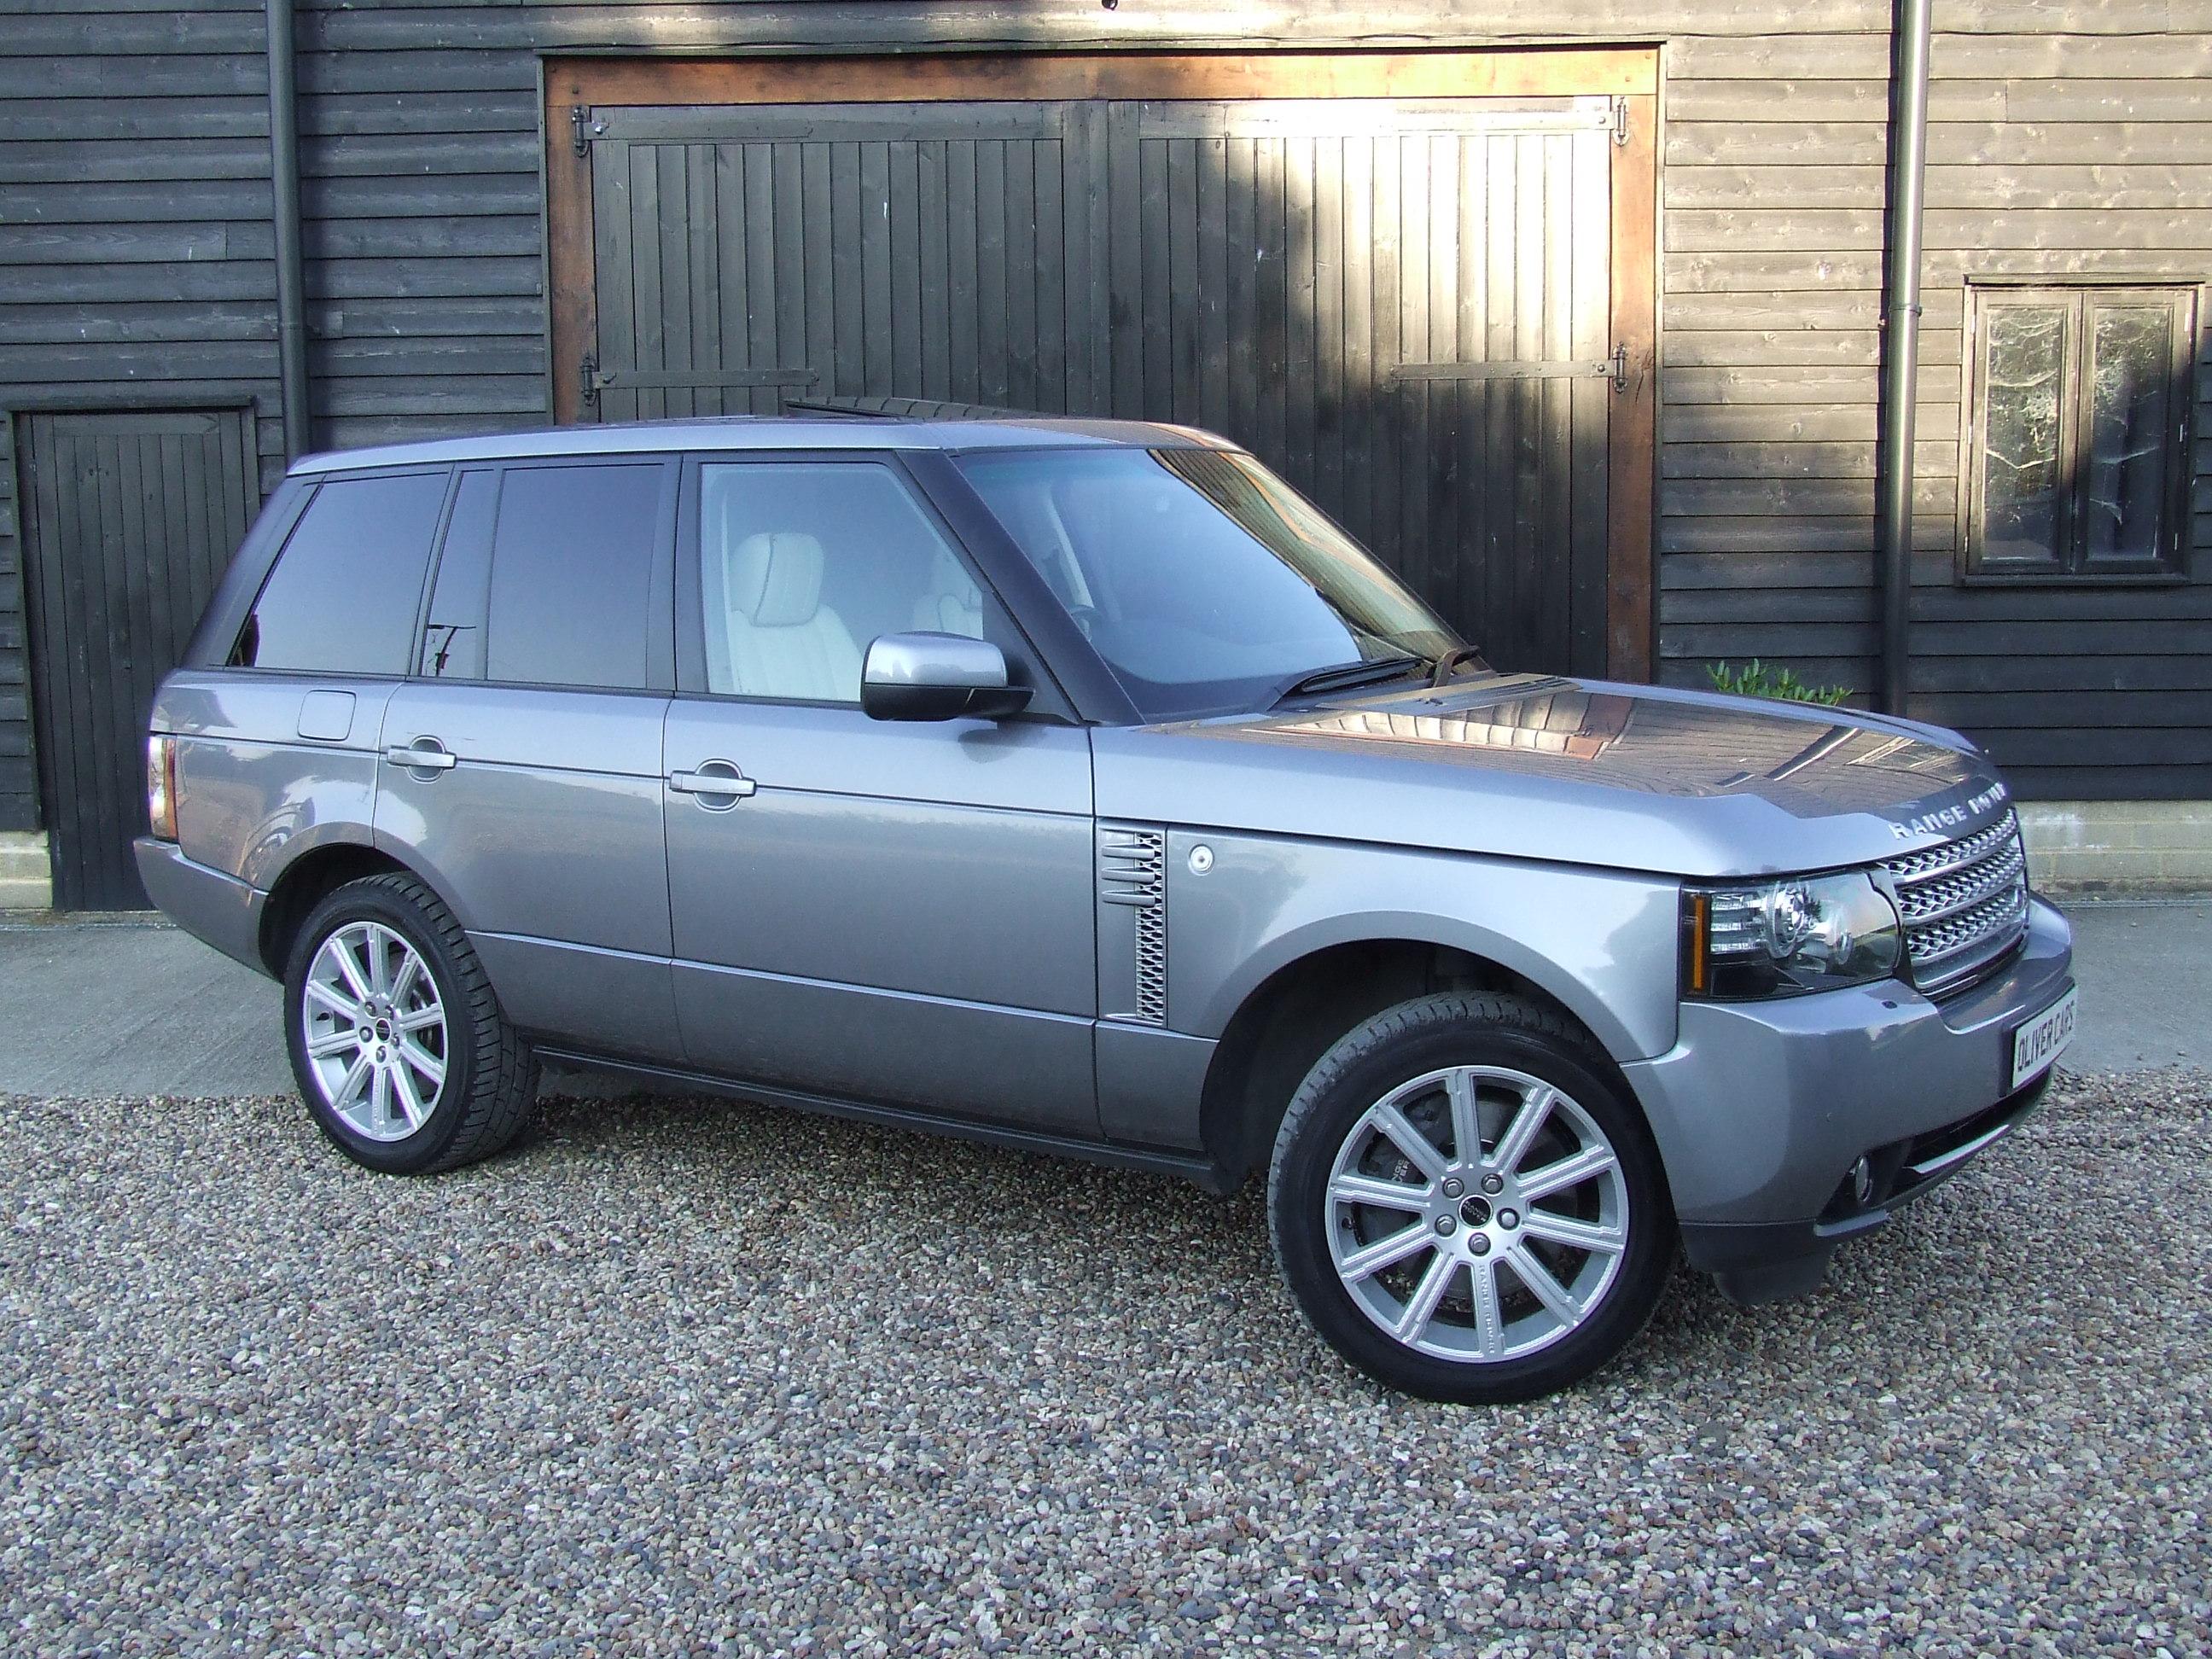 range rover vogue tdv8 4 4 oliver cars ltd. Black Bedroom Furniture Sets. Home Design Ideas